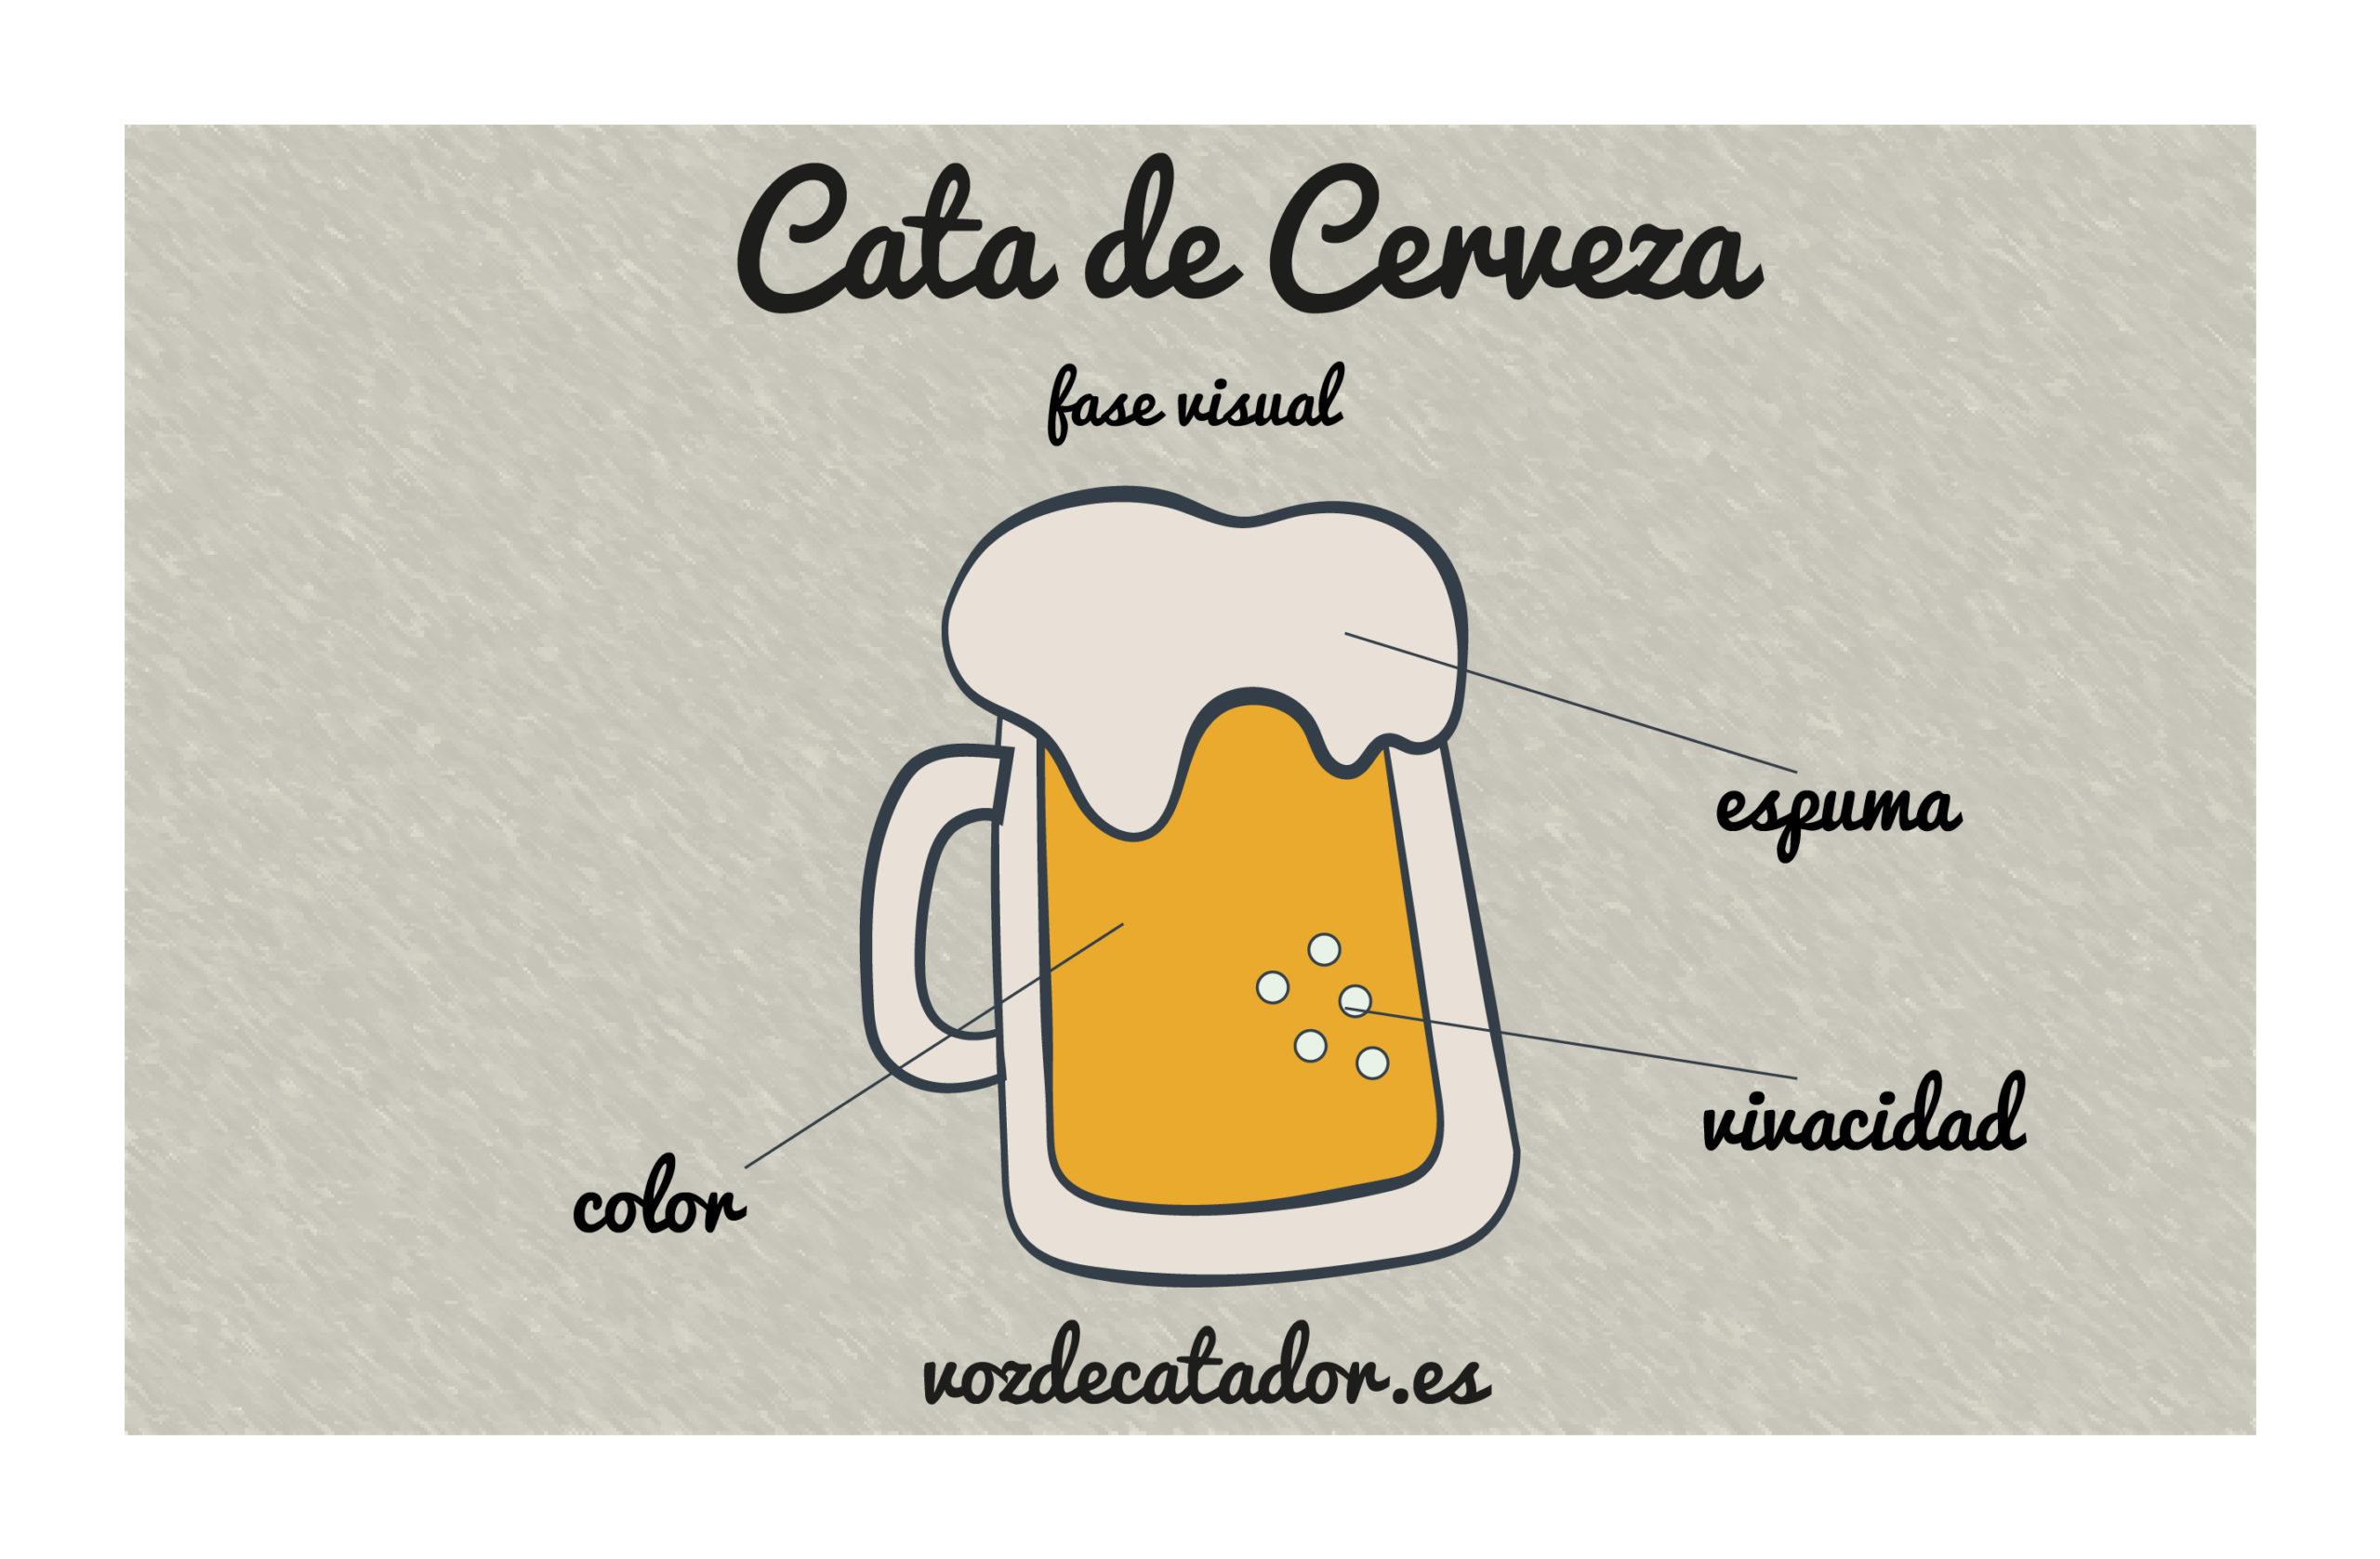 cata de cerveza vozdecatador.es